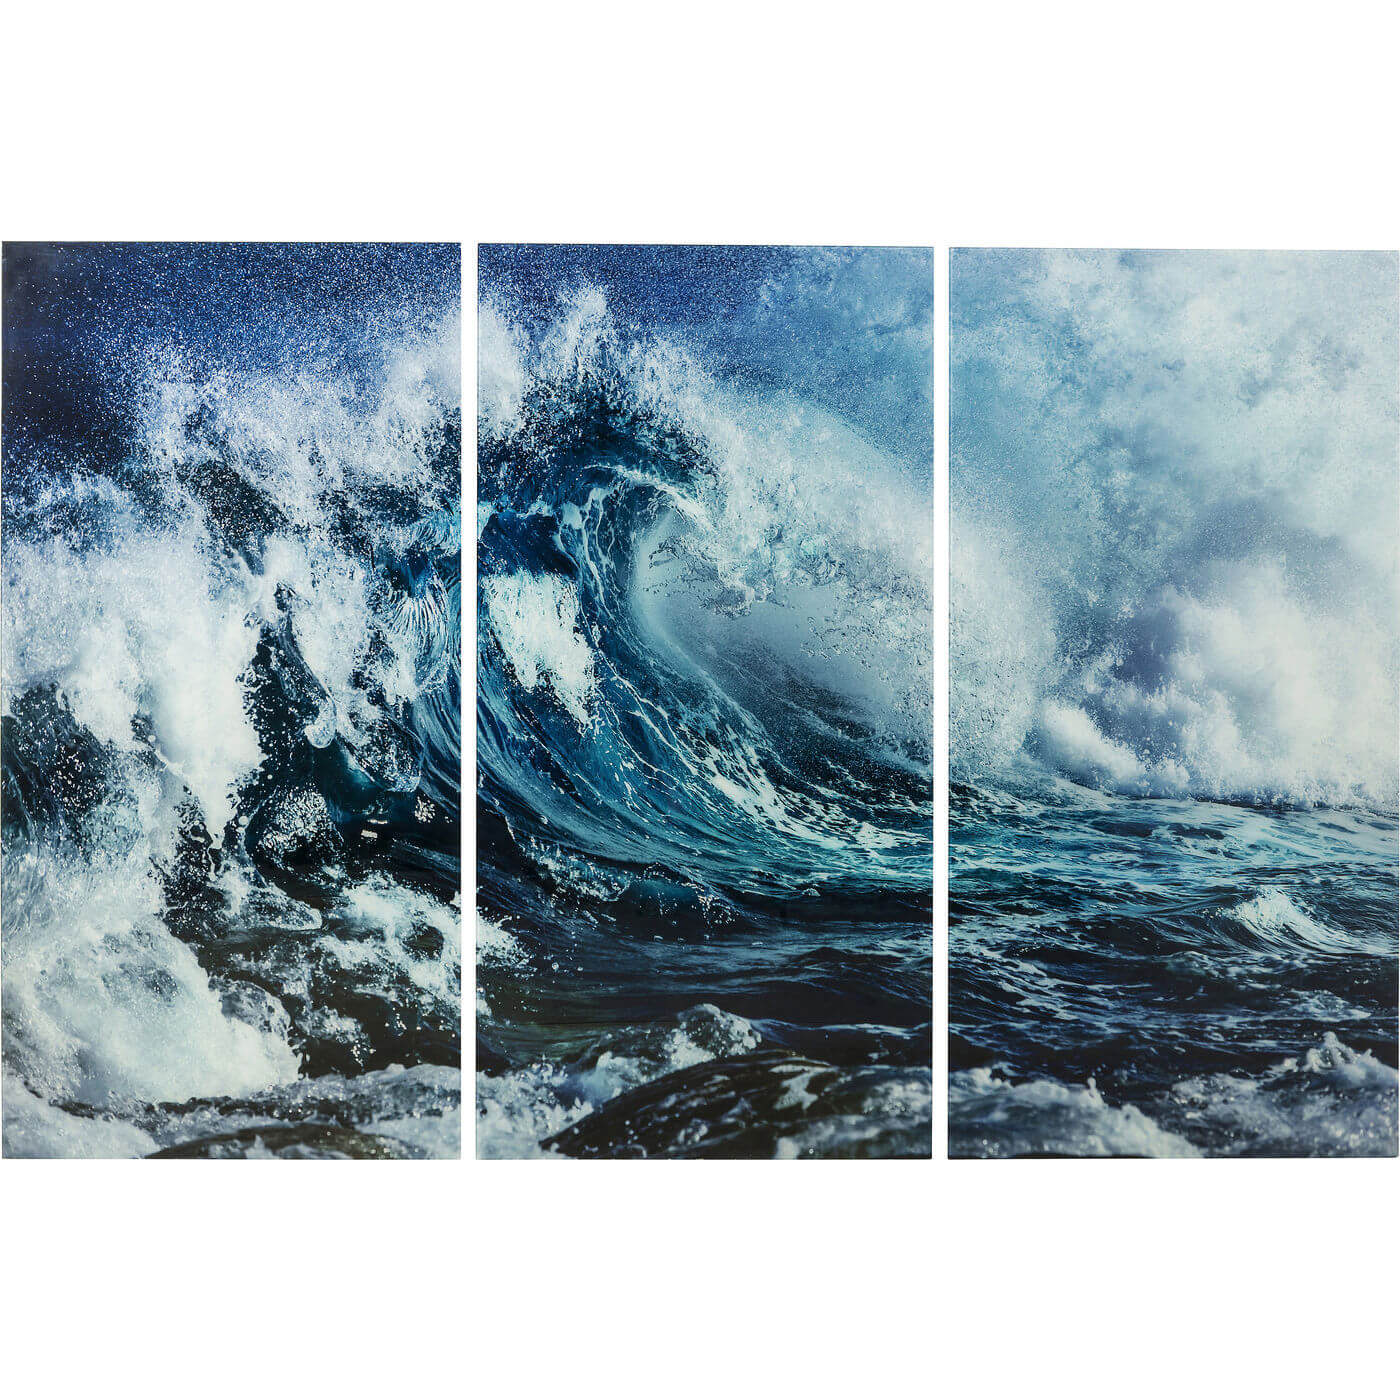 kare design Kare design triptychon wave plakat - blå/hvid glas og komposittræ, (160x240cm) fra boboonline.dk